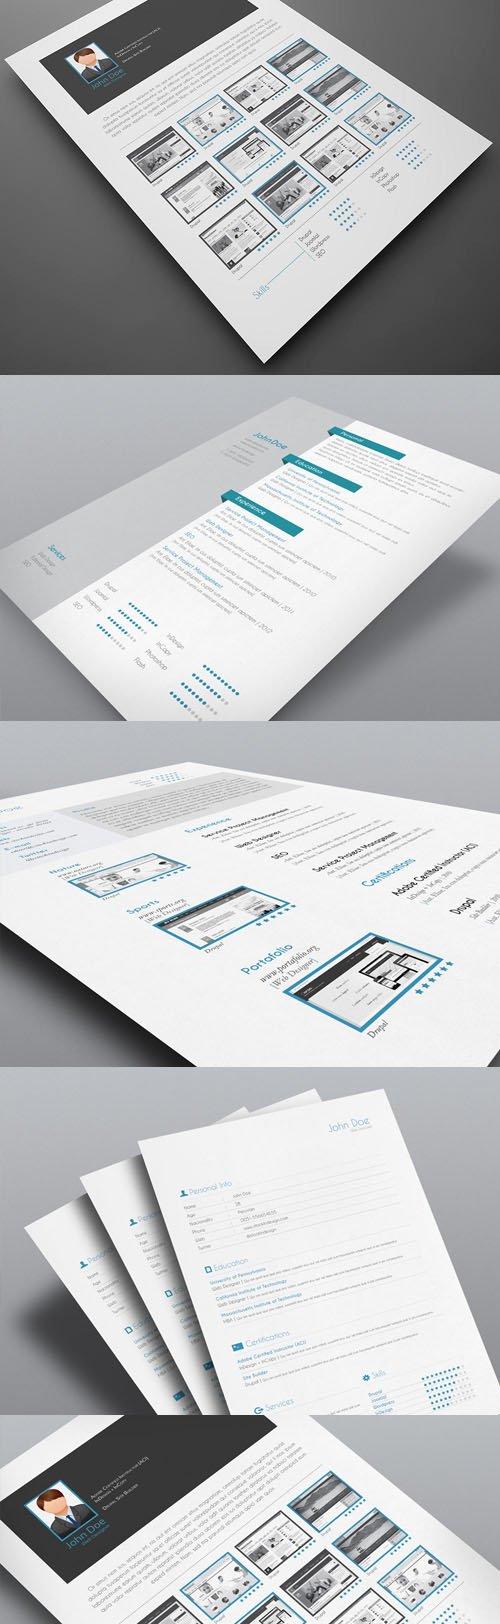 5 Resume InDesign Templates IDML